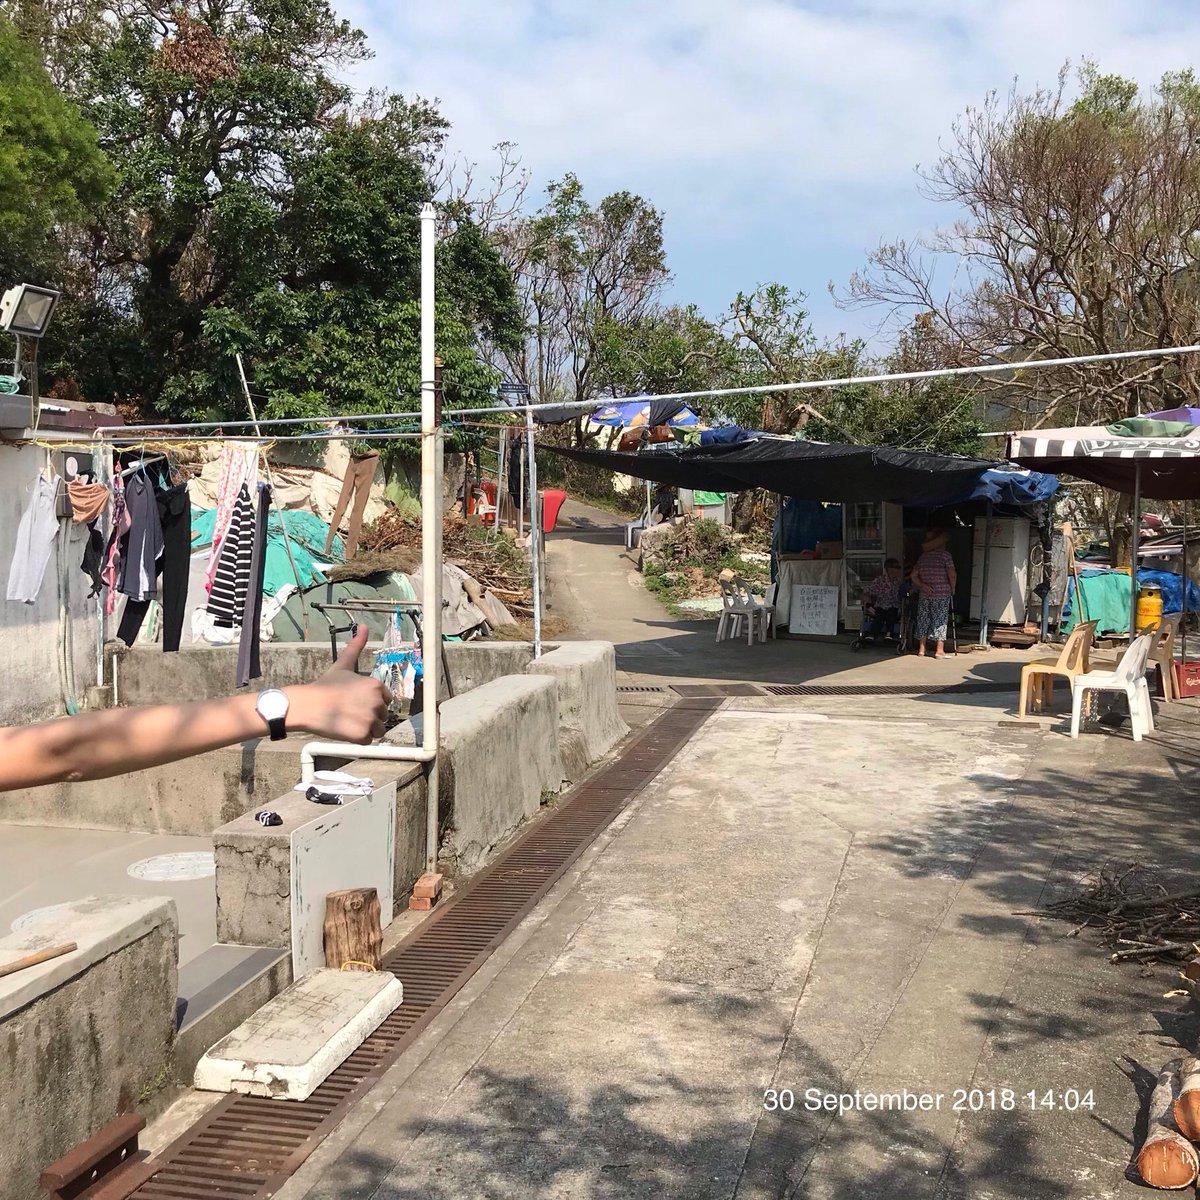 Alleys of Lo So Shing village